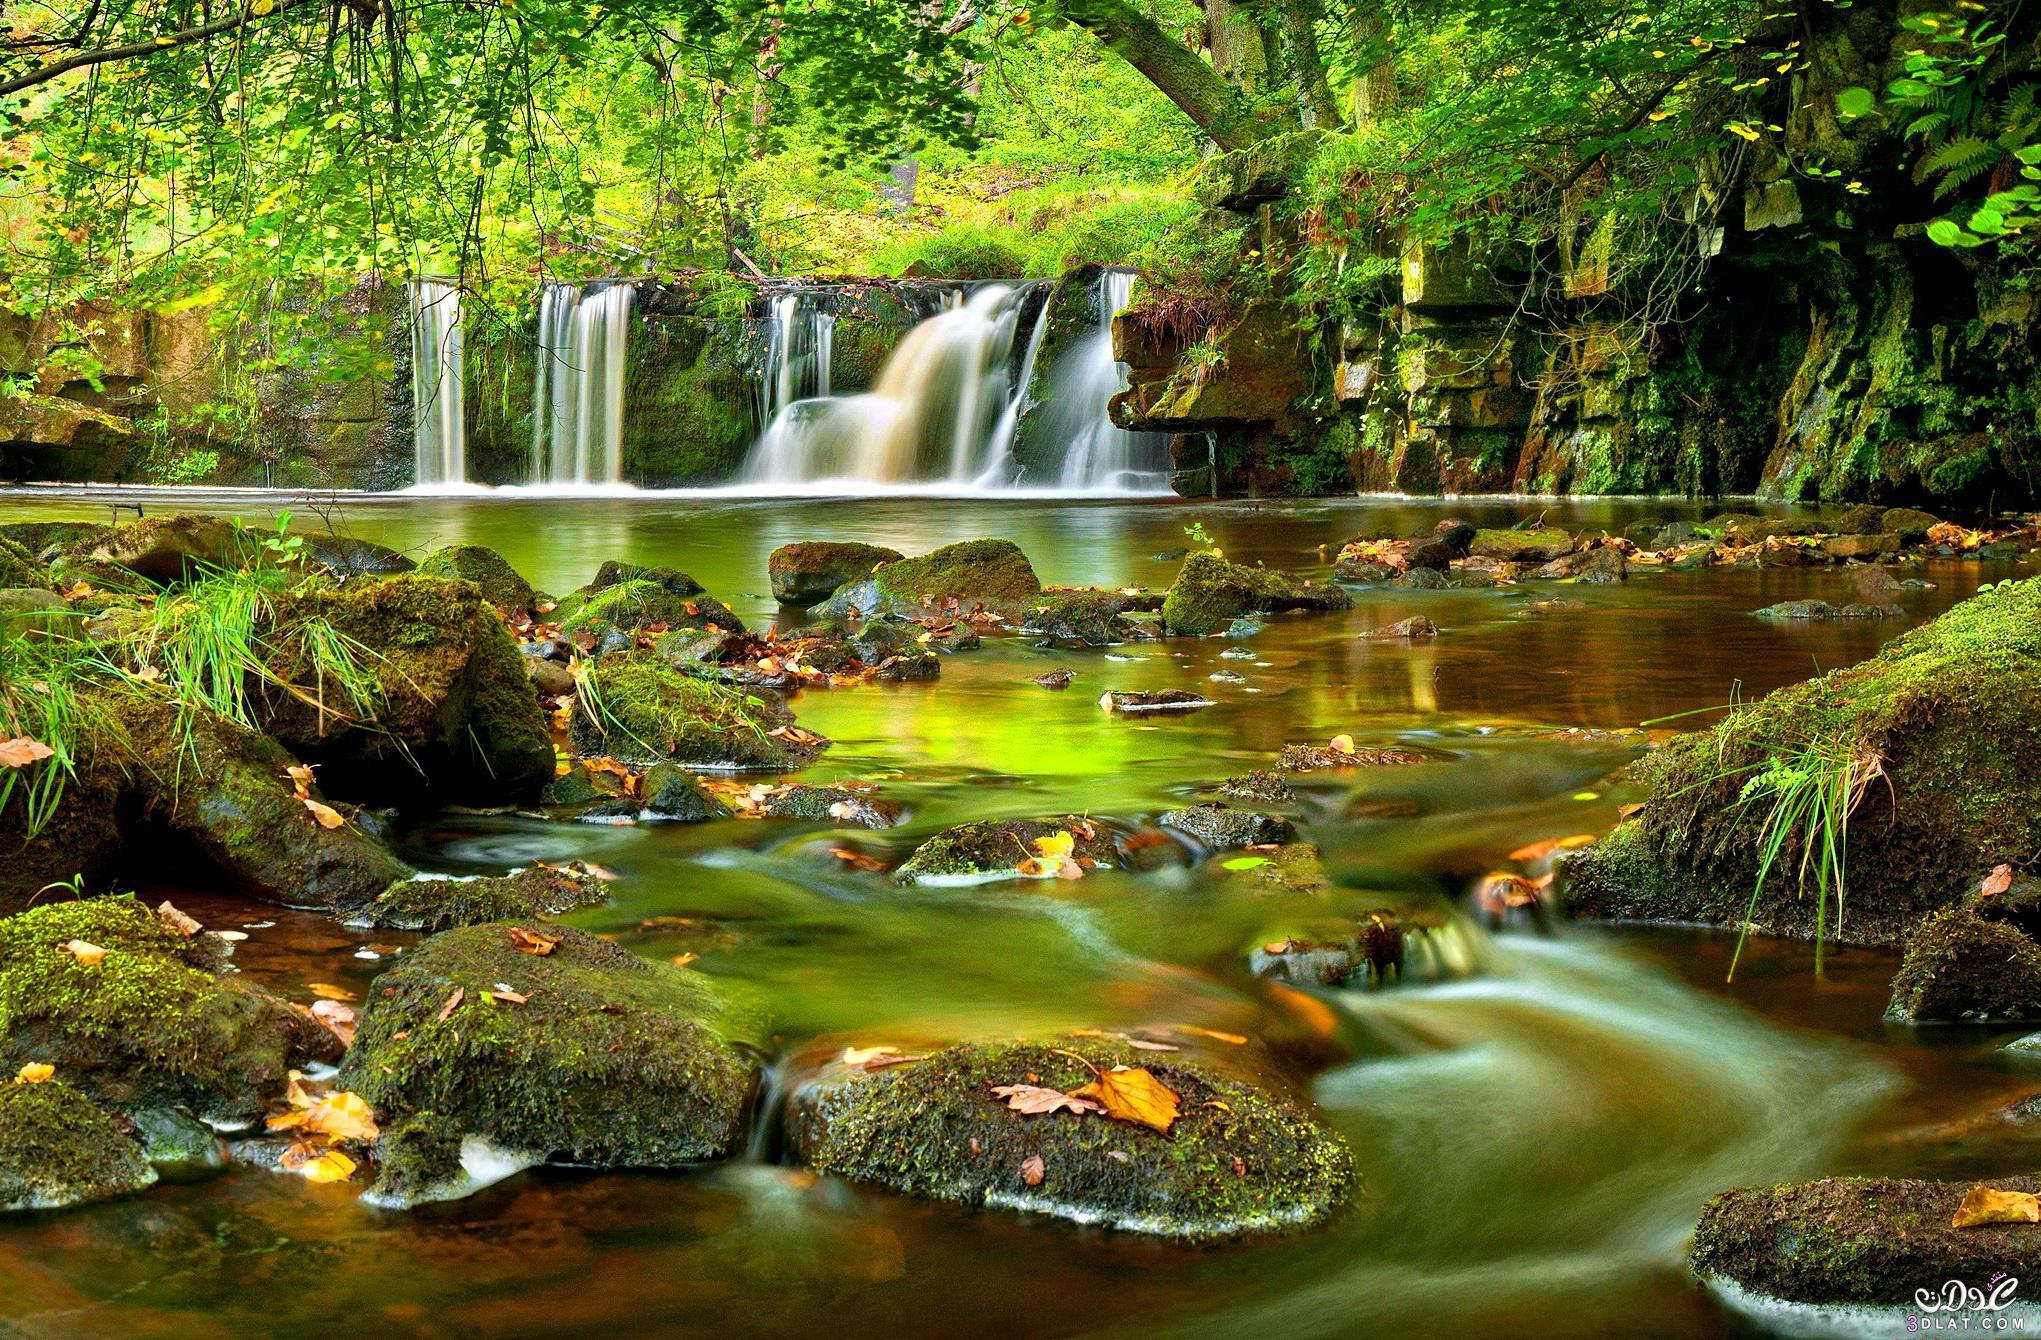 بالصور صور رائعة من الطبيعة, صور جنان من الطبيعية الخلابة 1225 10